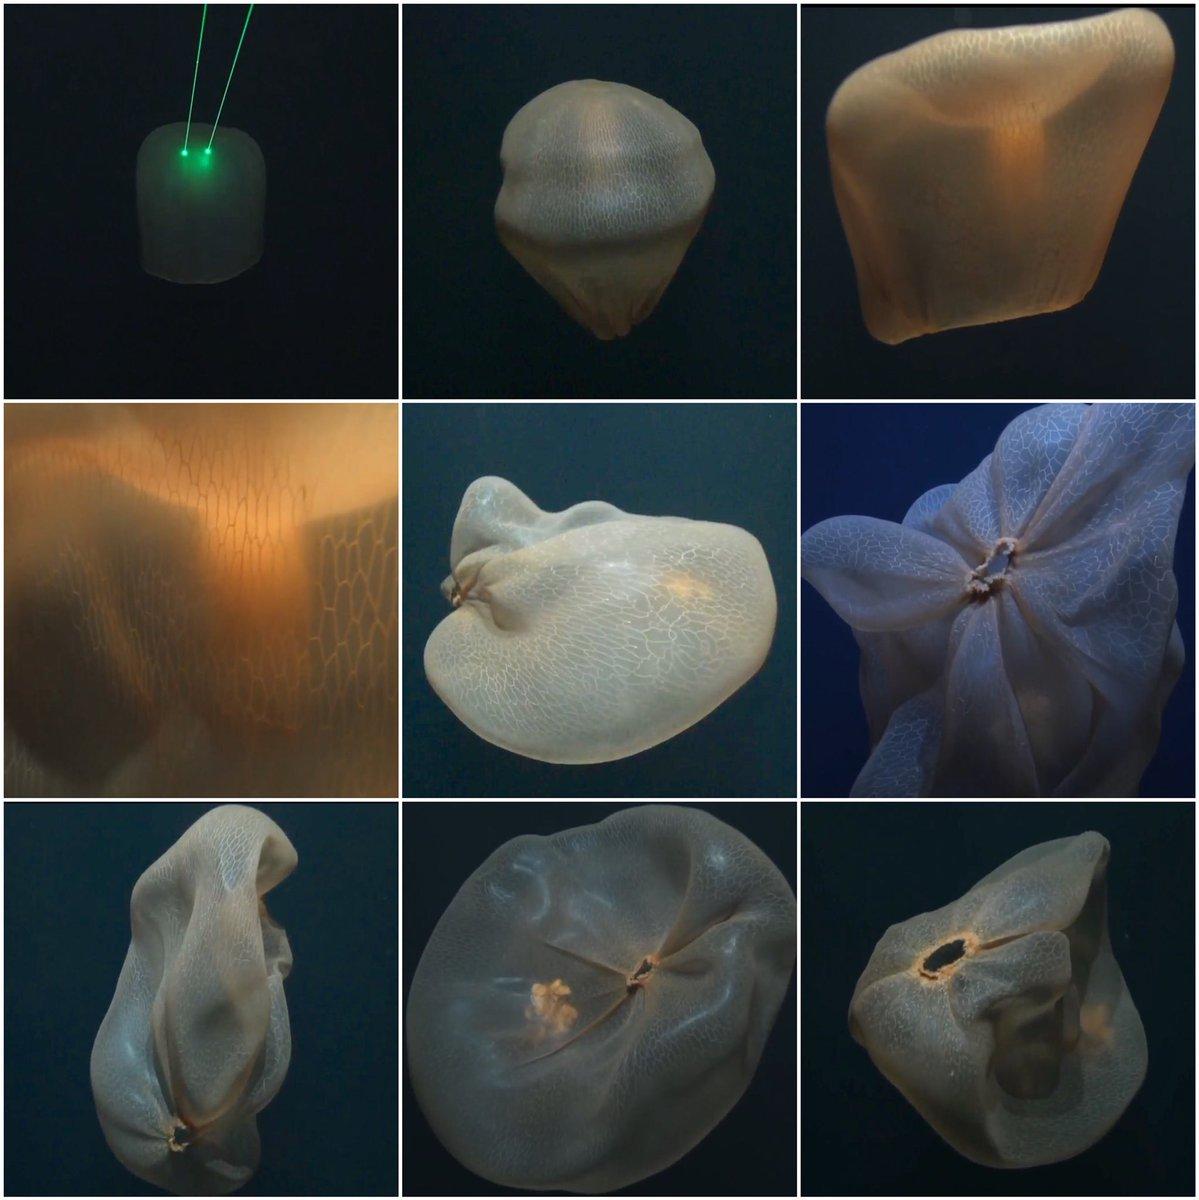 medusozoa colombia medusozoacol twitter